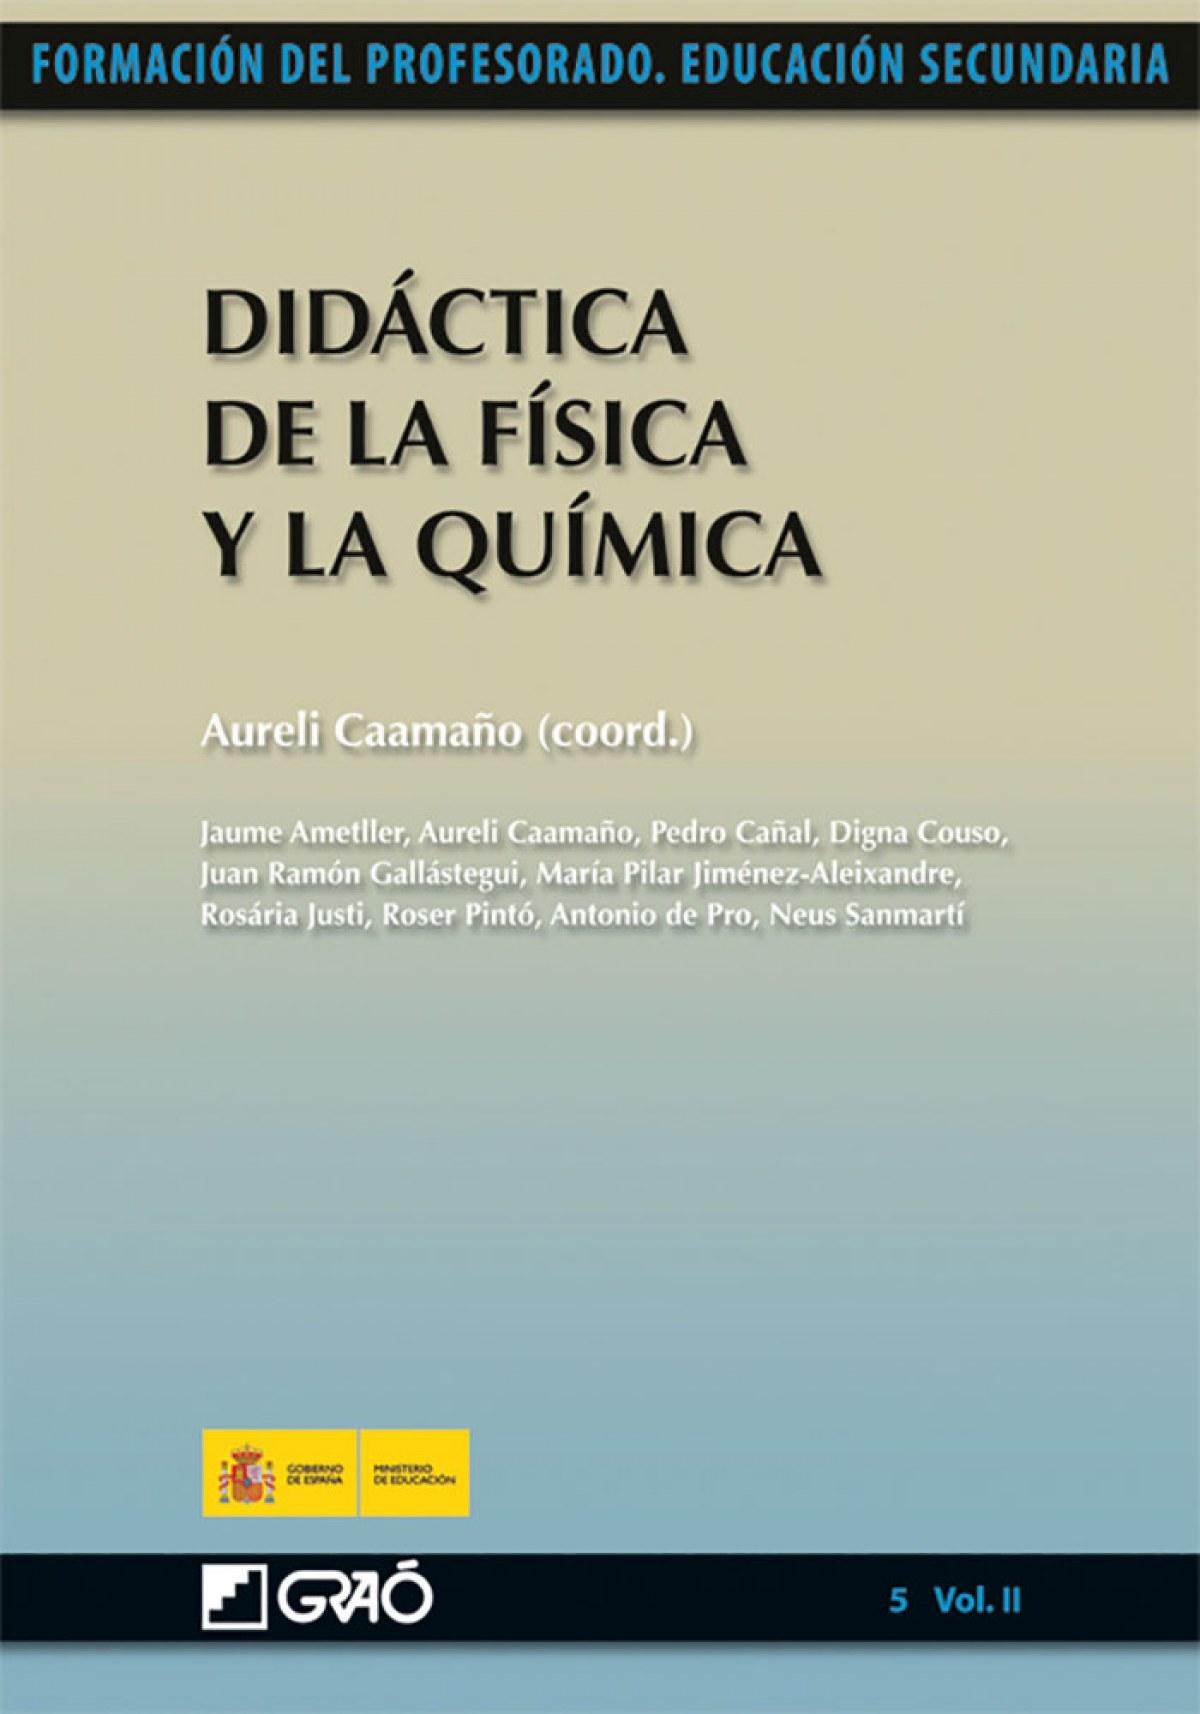 DIDACTICA DE LA FÍSICA Y LA QUÍMICA 9788499800806